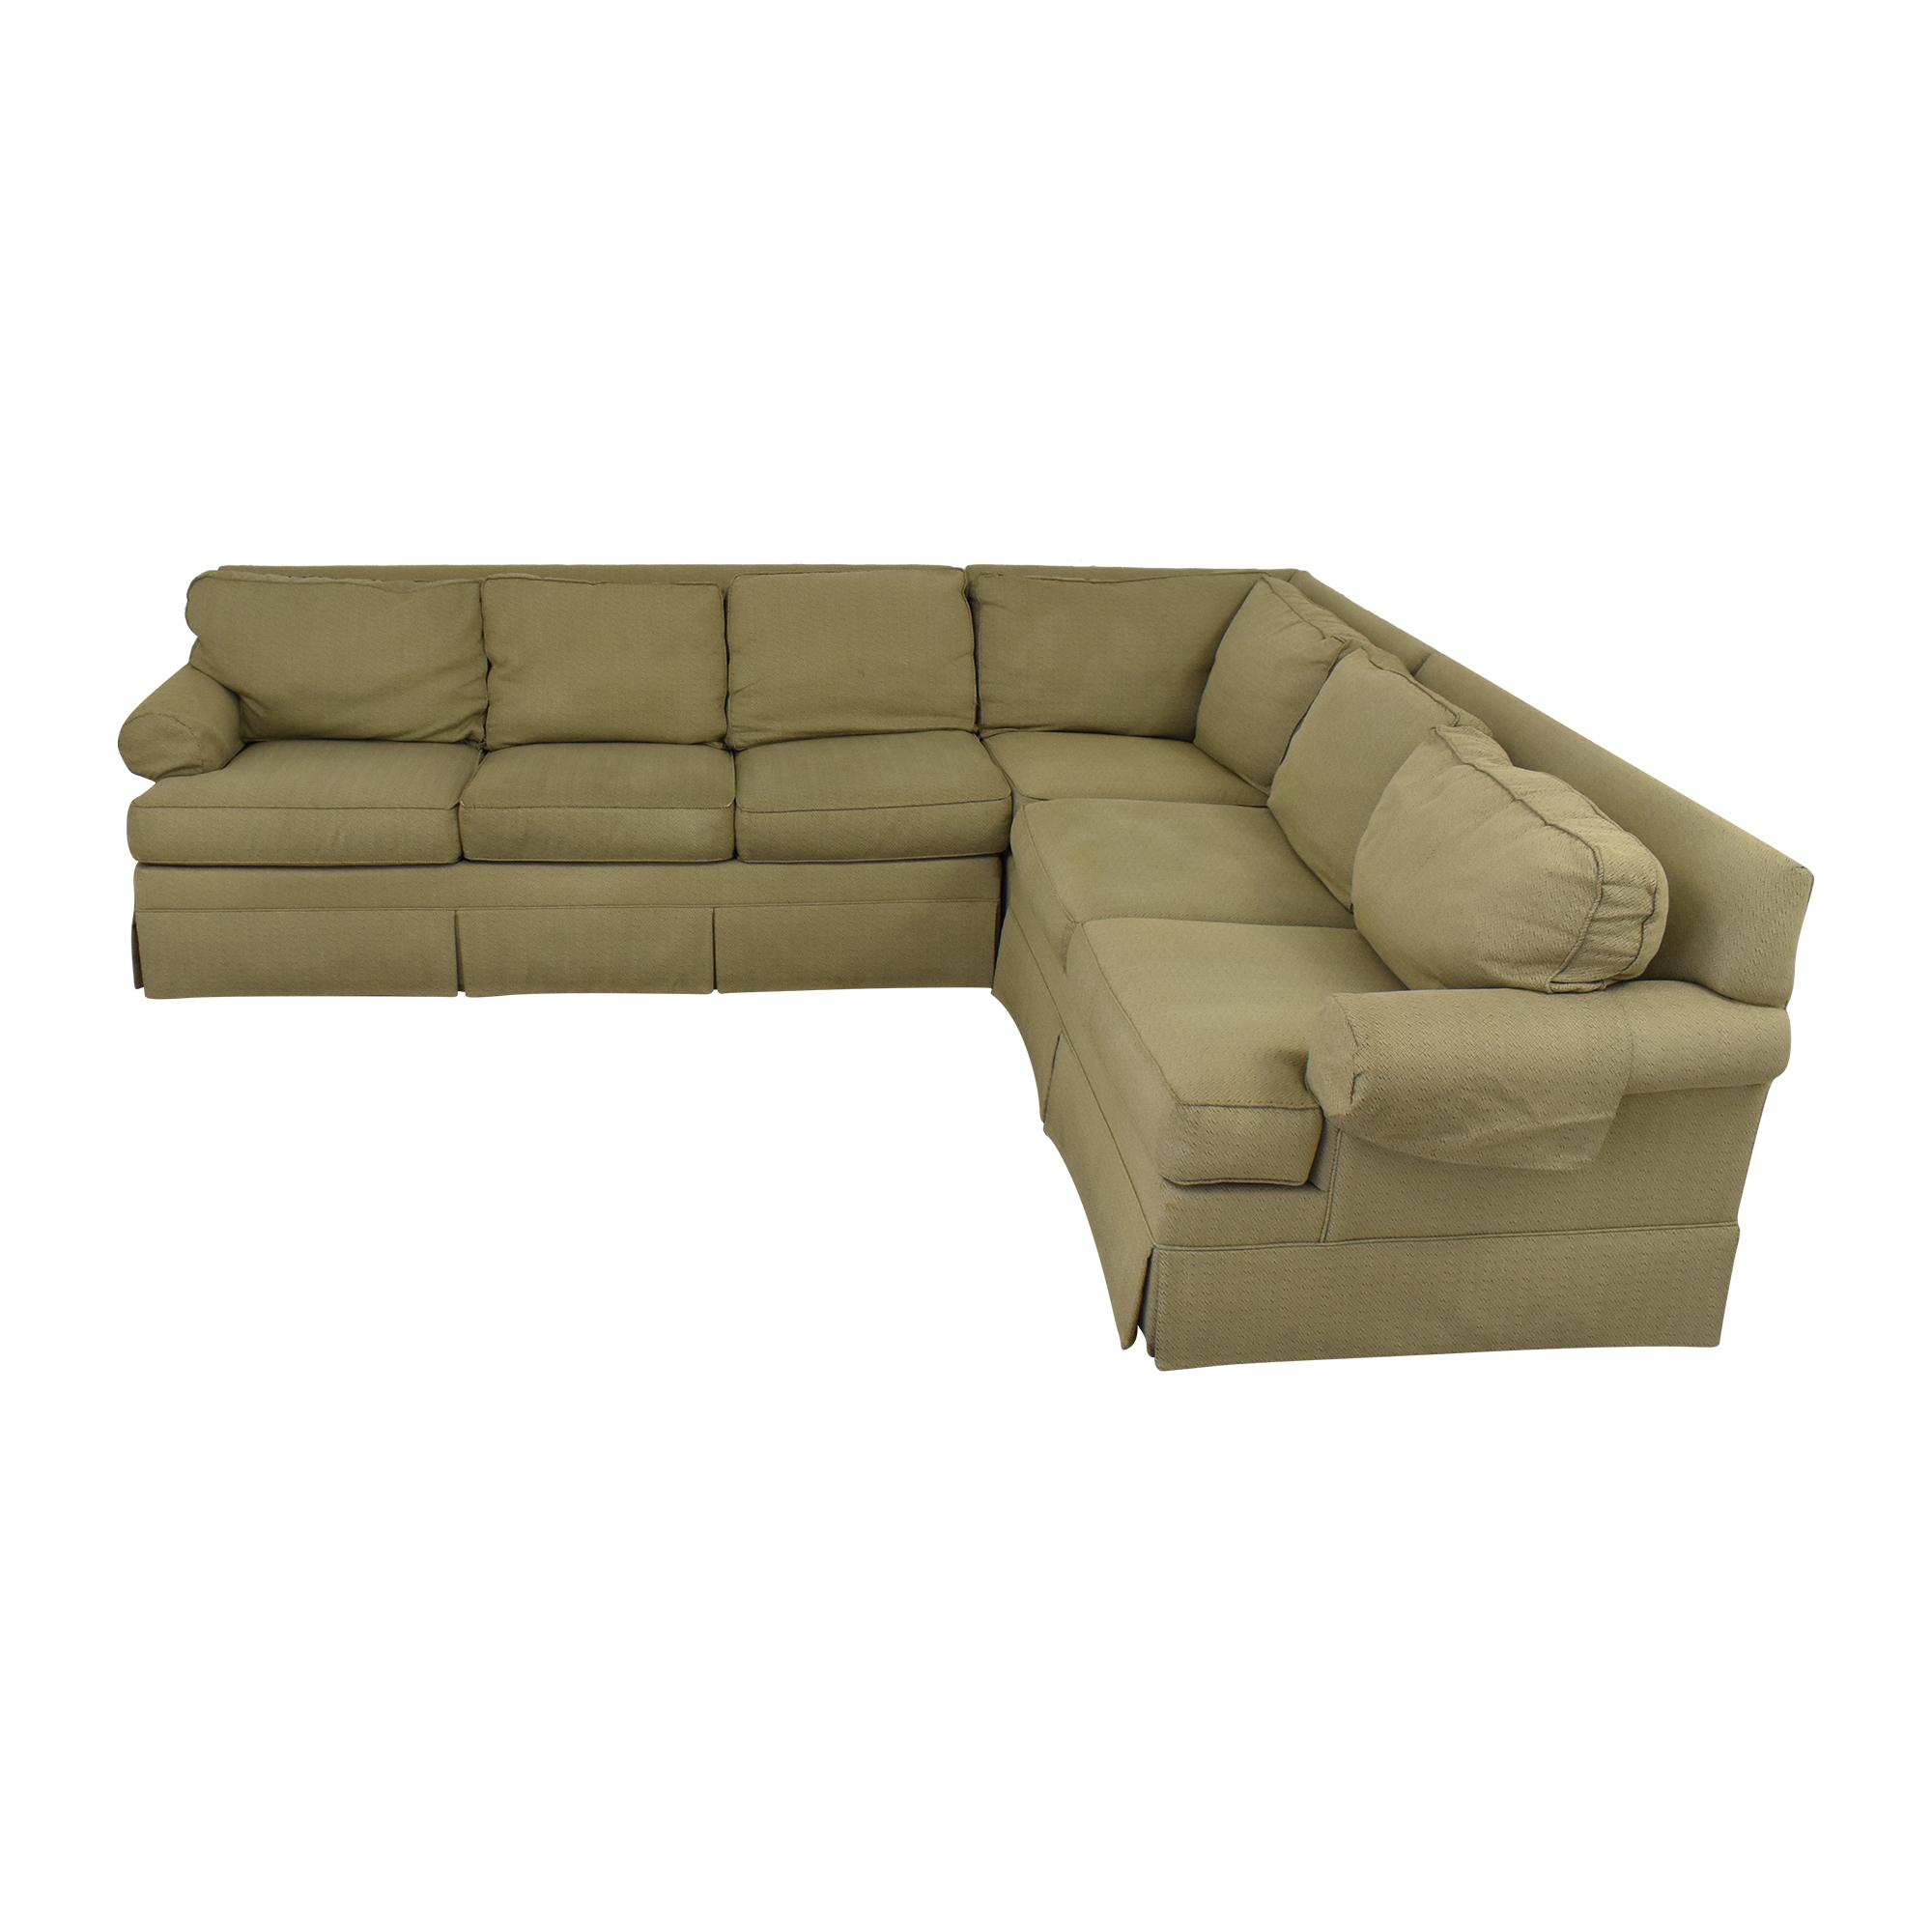 Ethan Allen Ethan Allan Skirted Sectional Sofa coupon